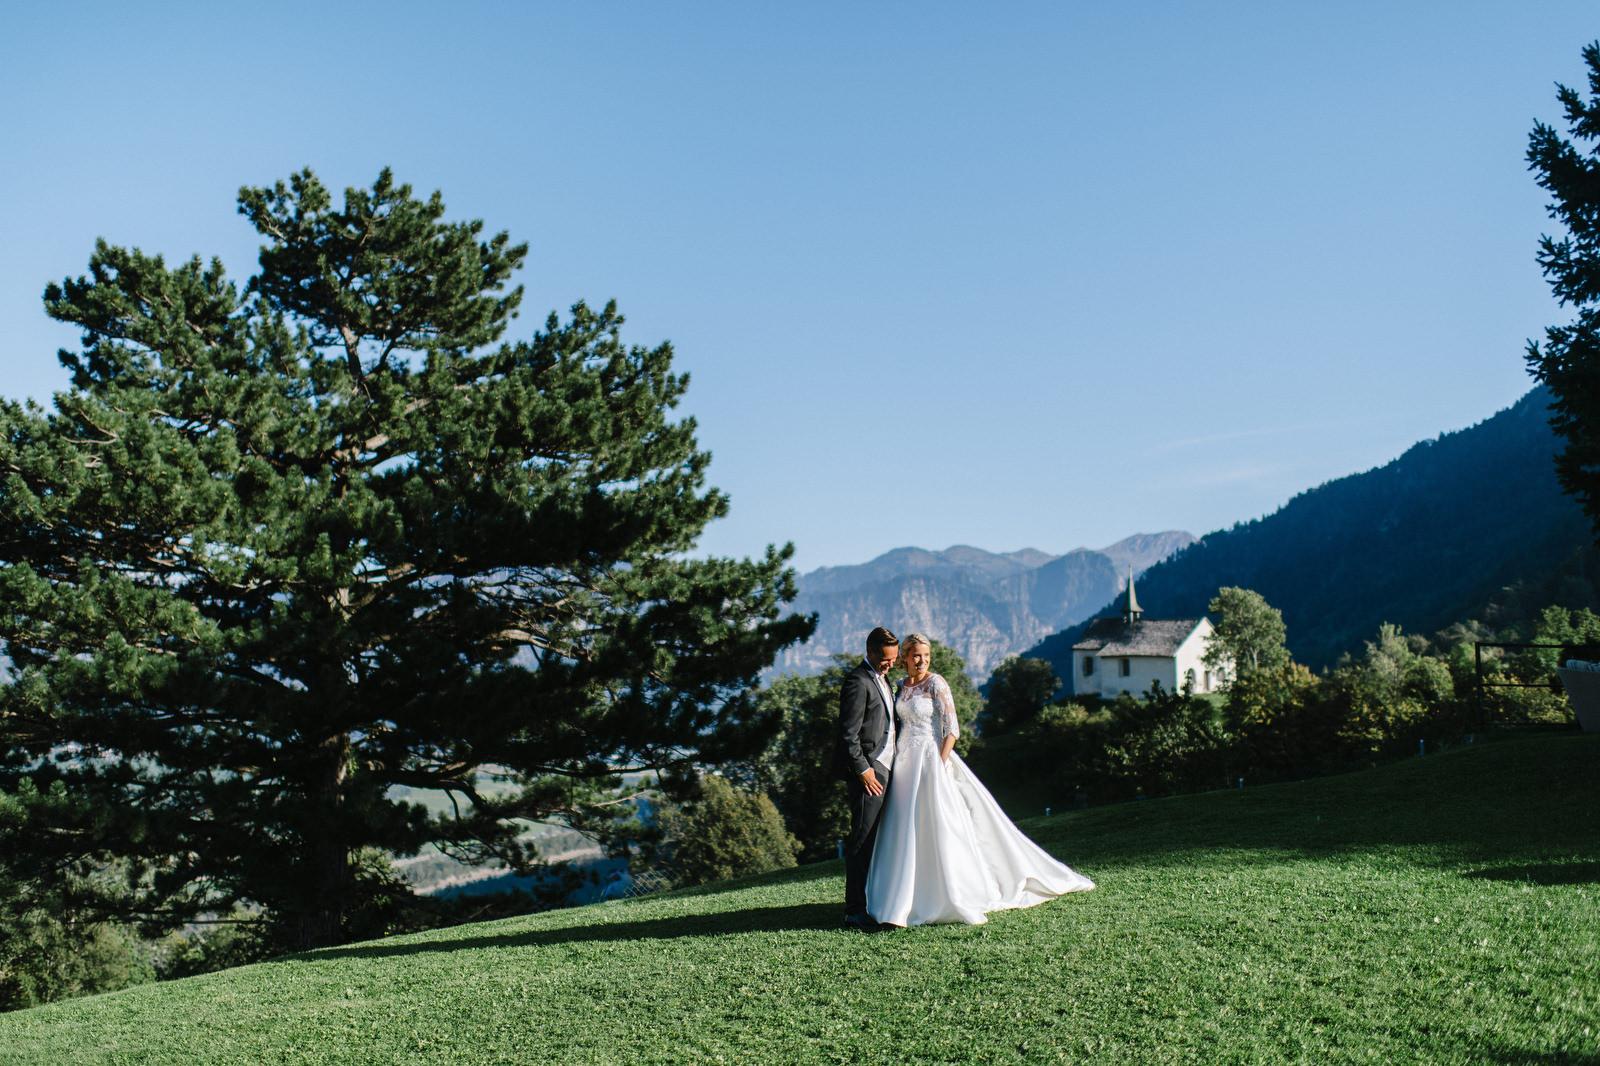 Fotograf Konstanz - Luxus Hochzeit Fotograf Grand Resort Bad Ragaz Schweiz Lichtenstein 232 1 - Destination wedding at the Grand Resort Bad Ragaz, Swiss  - 184 -